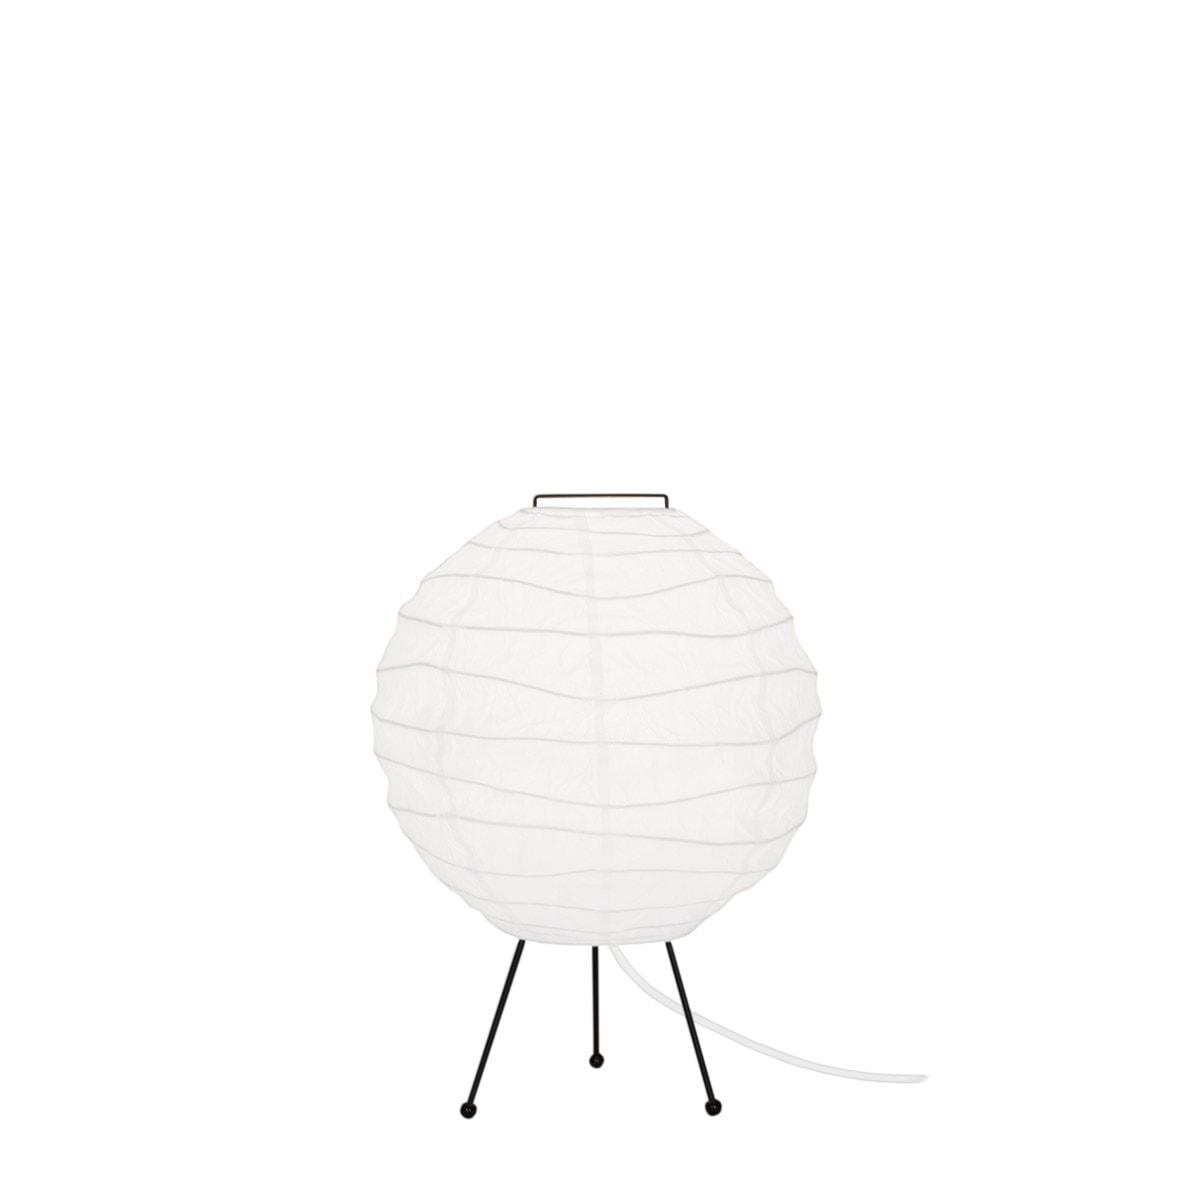 Luminaria-ESFERA-XS30-tripe-18-luz-01-copy